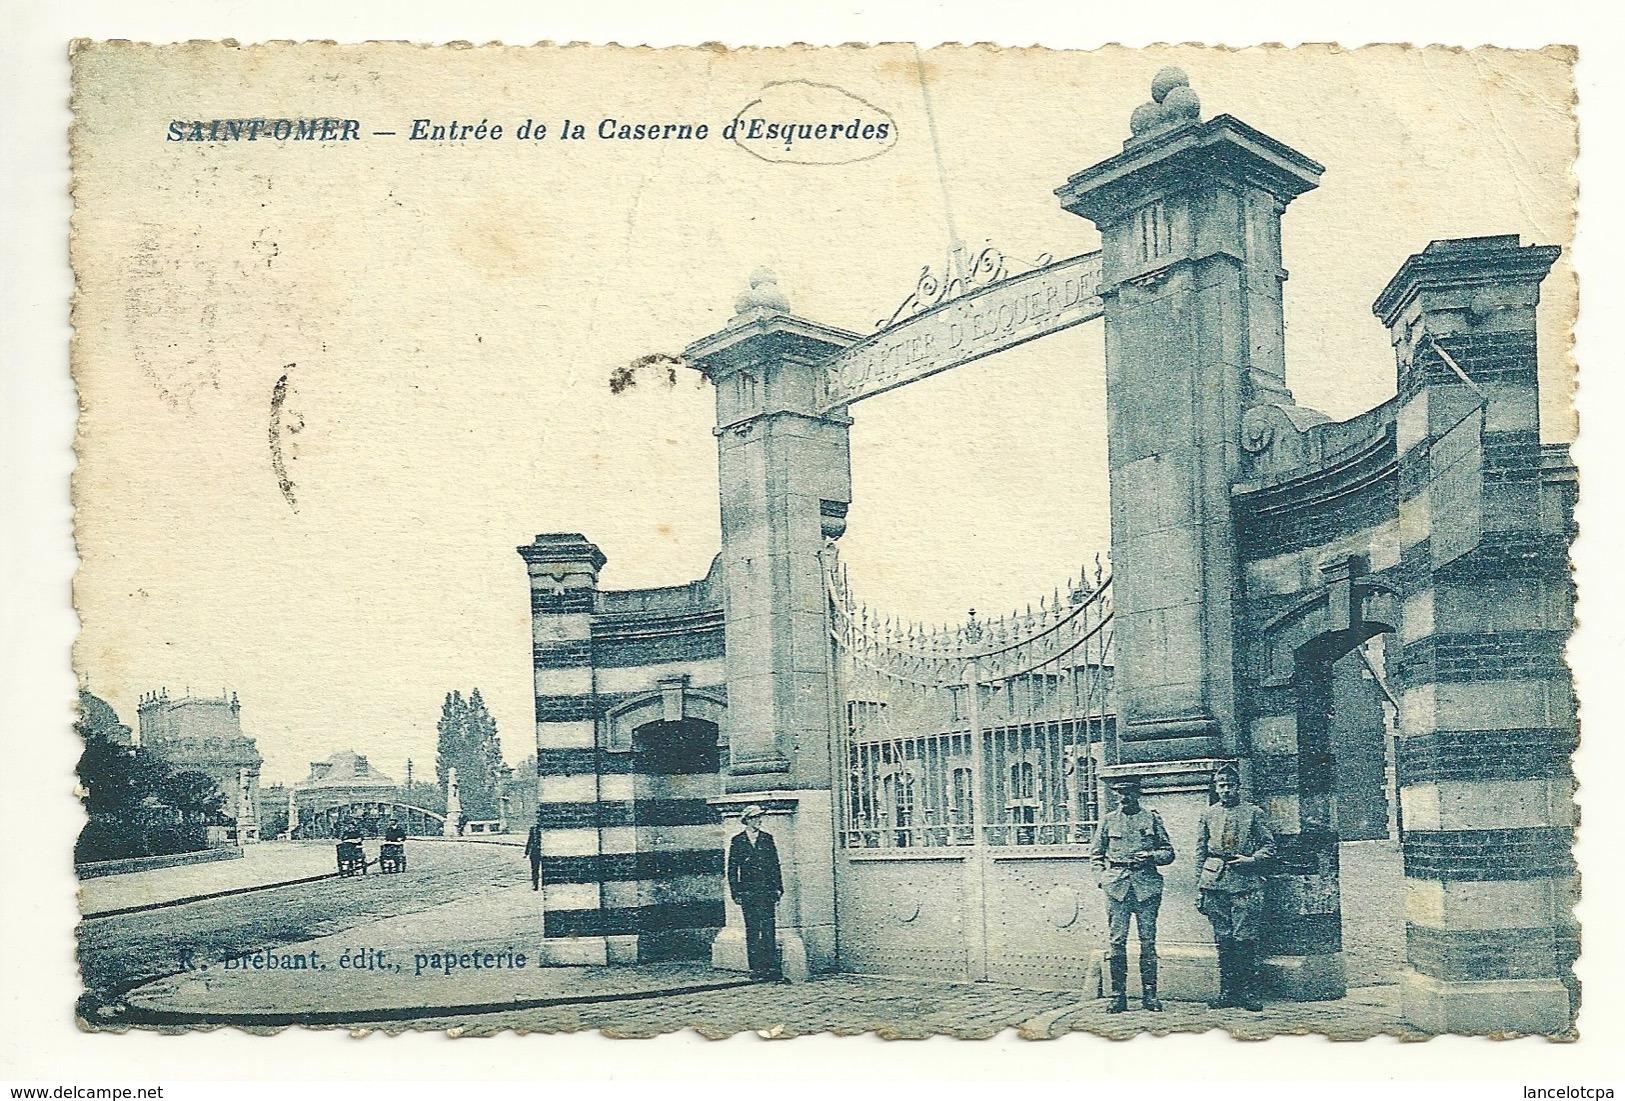 62 - SAINT OMER / ENTREE DE LA CASERNE D'ESQUERDES - Saint Omer